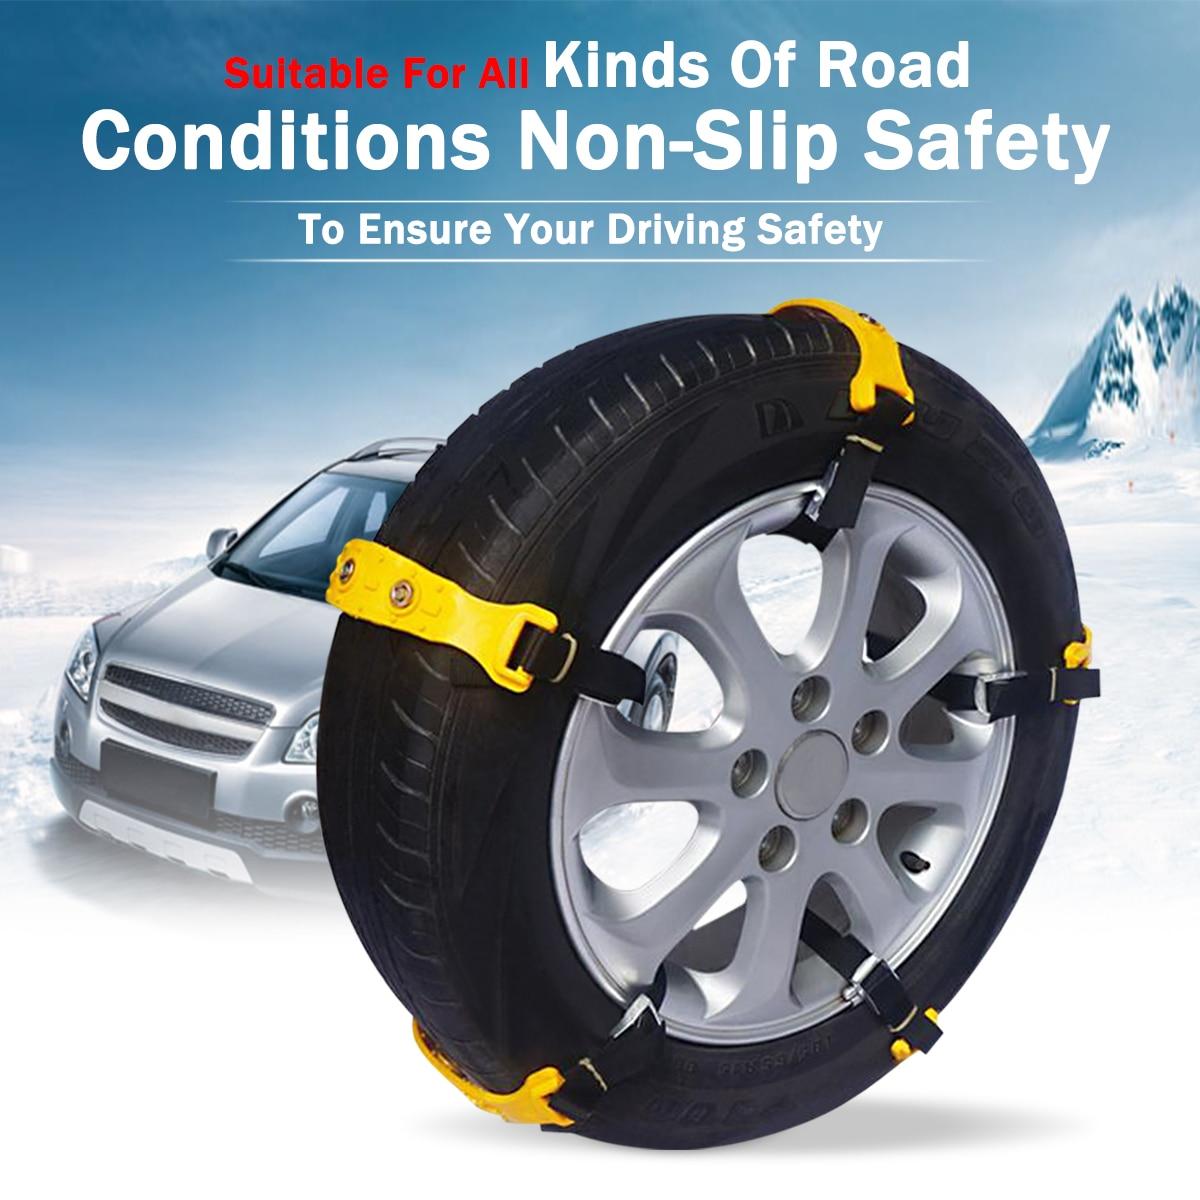 10 шт./компл. автомобиля желтые шины снежные цепи говядины сухожилия колесо фургона шины противоскользящие ТПУ цепи 37x4,7 см